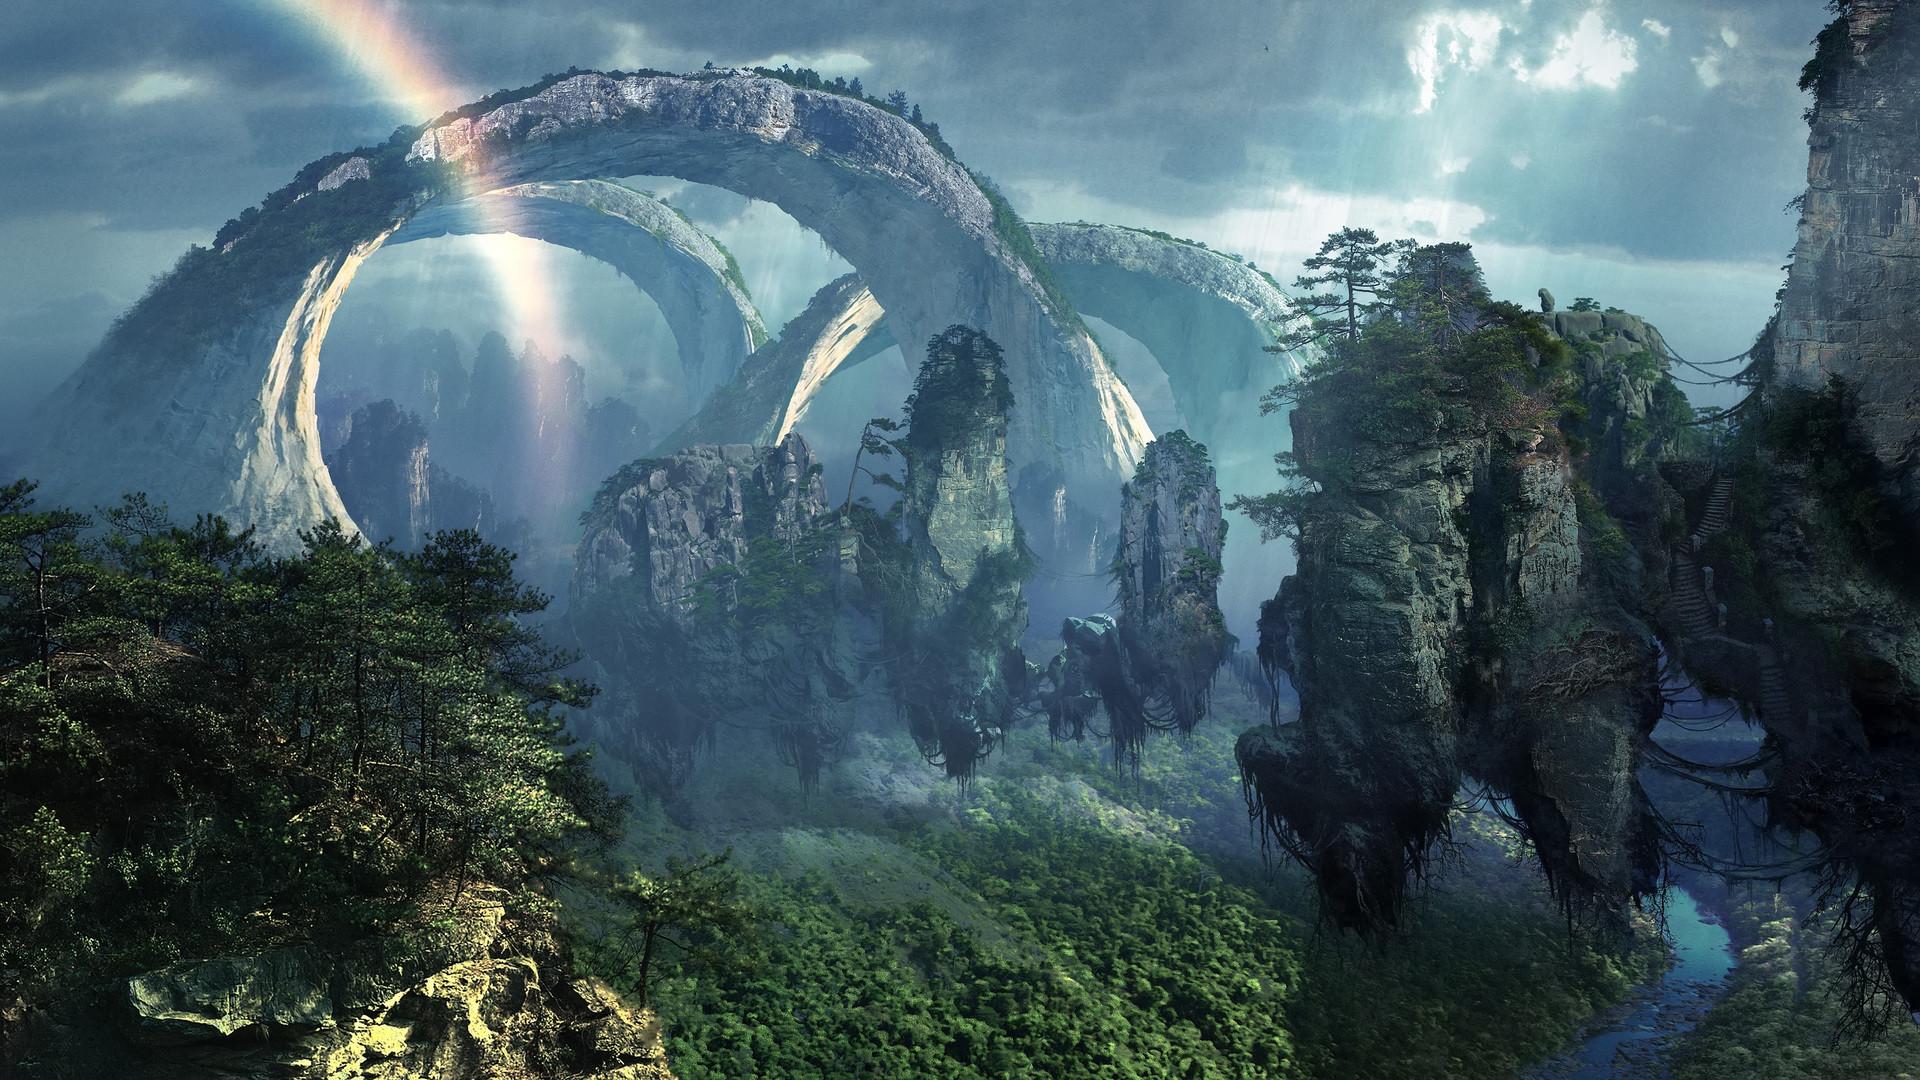 Avatar HD desktop wallpaper Widescreen High